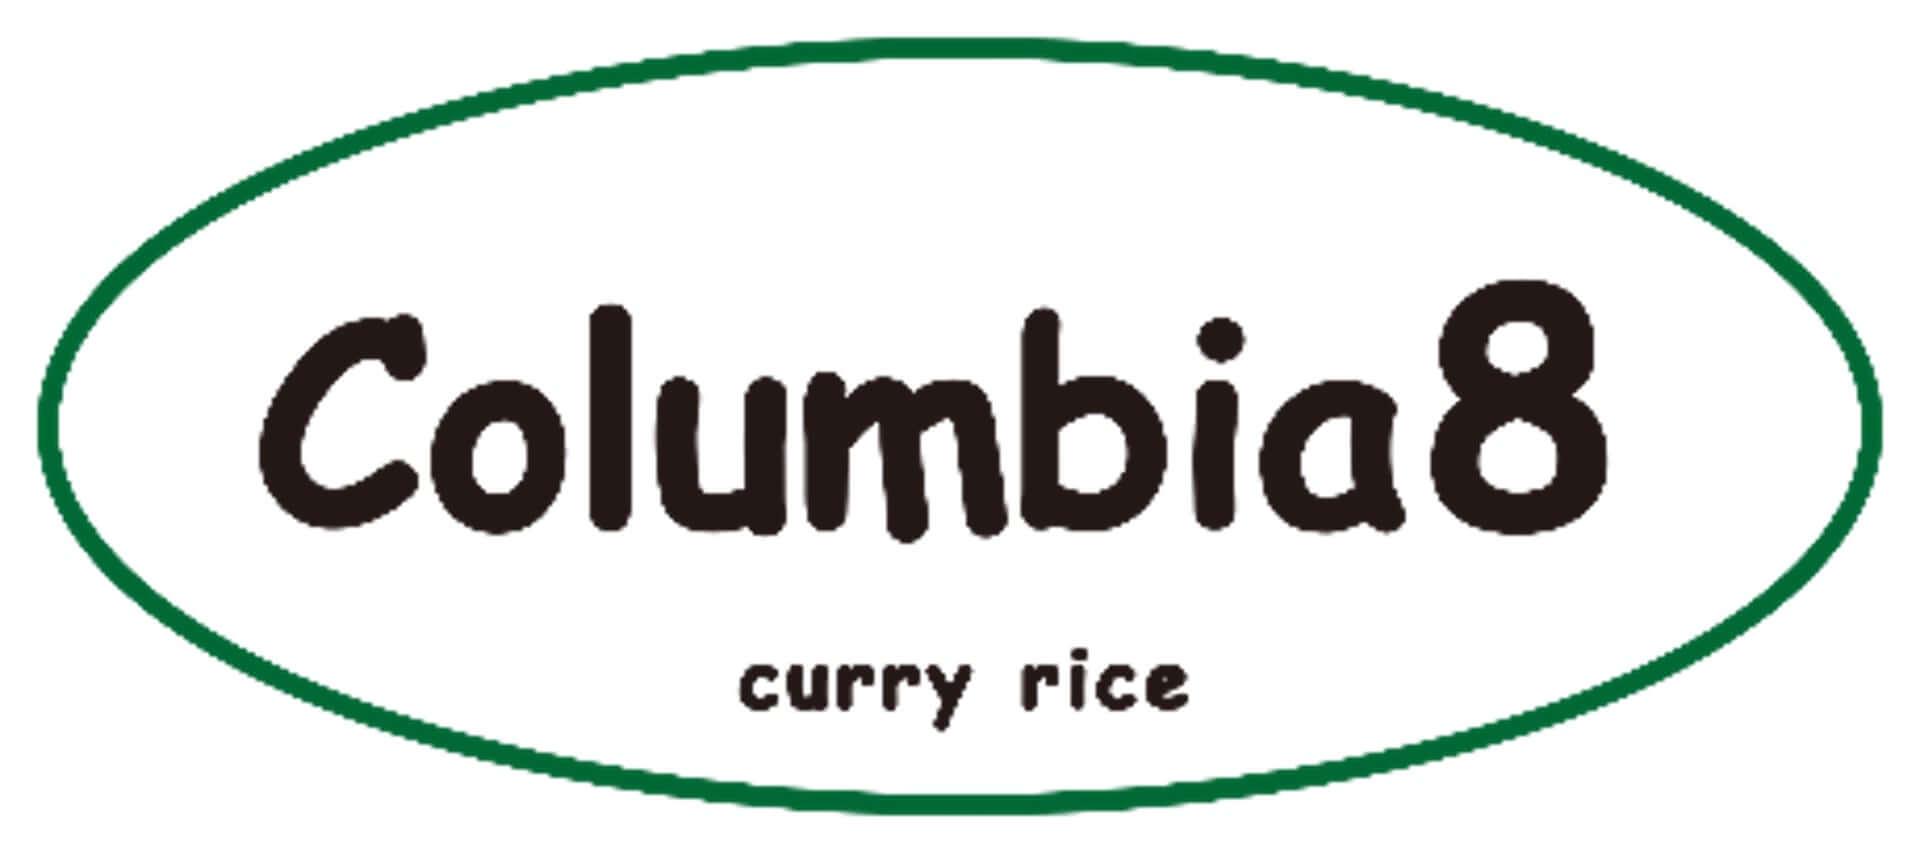 ミシュラン・ビブグルマンを4年連続受賞中のスパイスカレー専門店「コロンビアエイト」が名古屋にオープン決定! gourmet210122_columbia8_5-1920x853